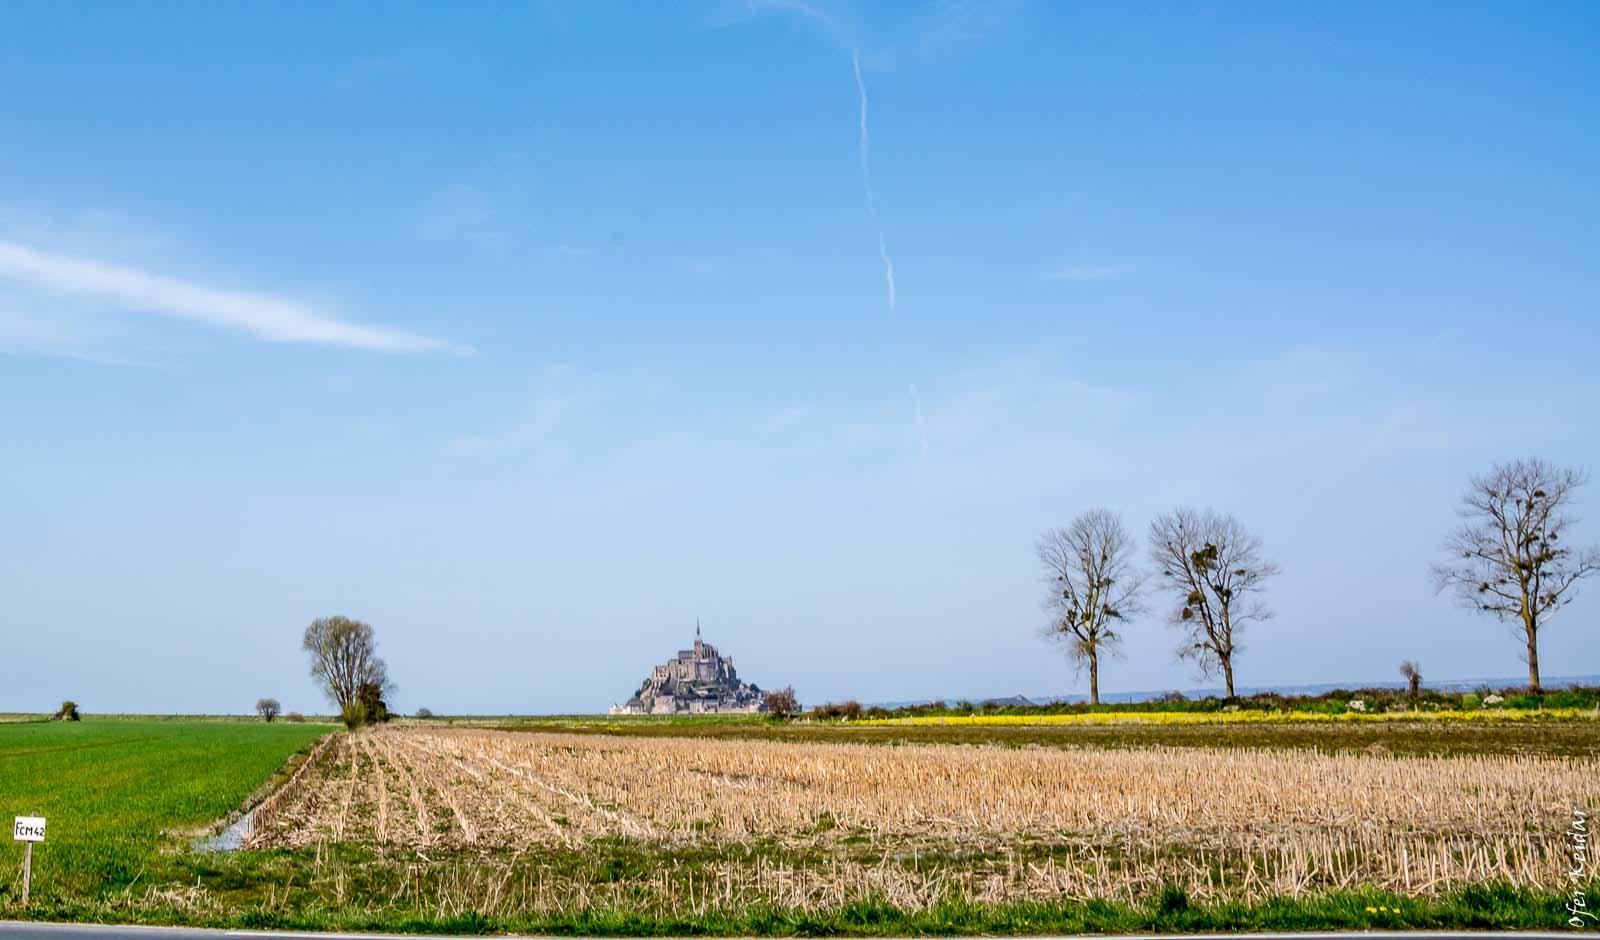 מון סן מישל - mont saint-michel, נומנדי | טיול לצרפת | בלוג הצילום של עופר קידר